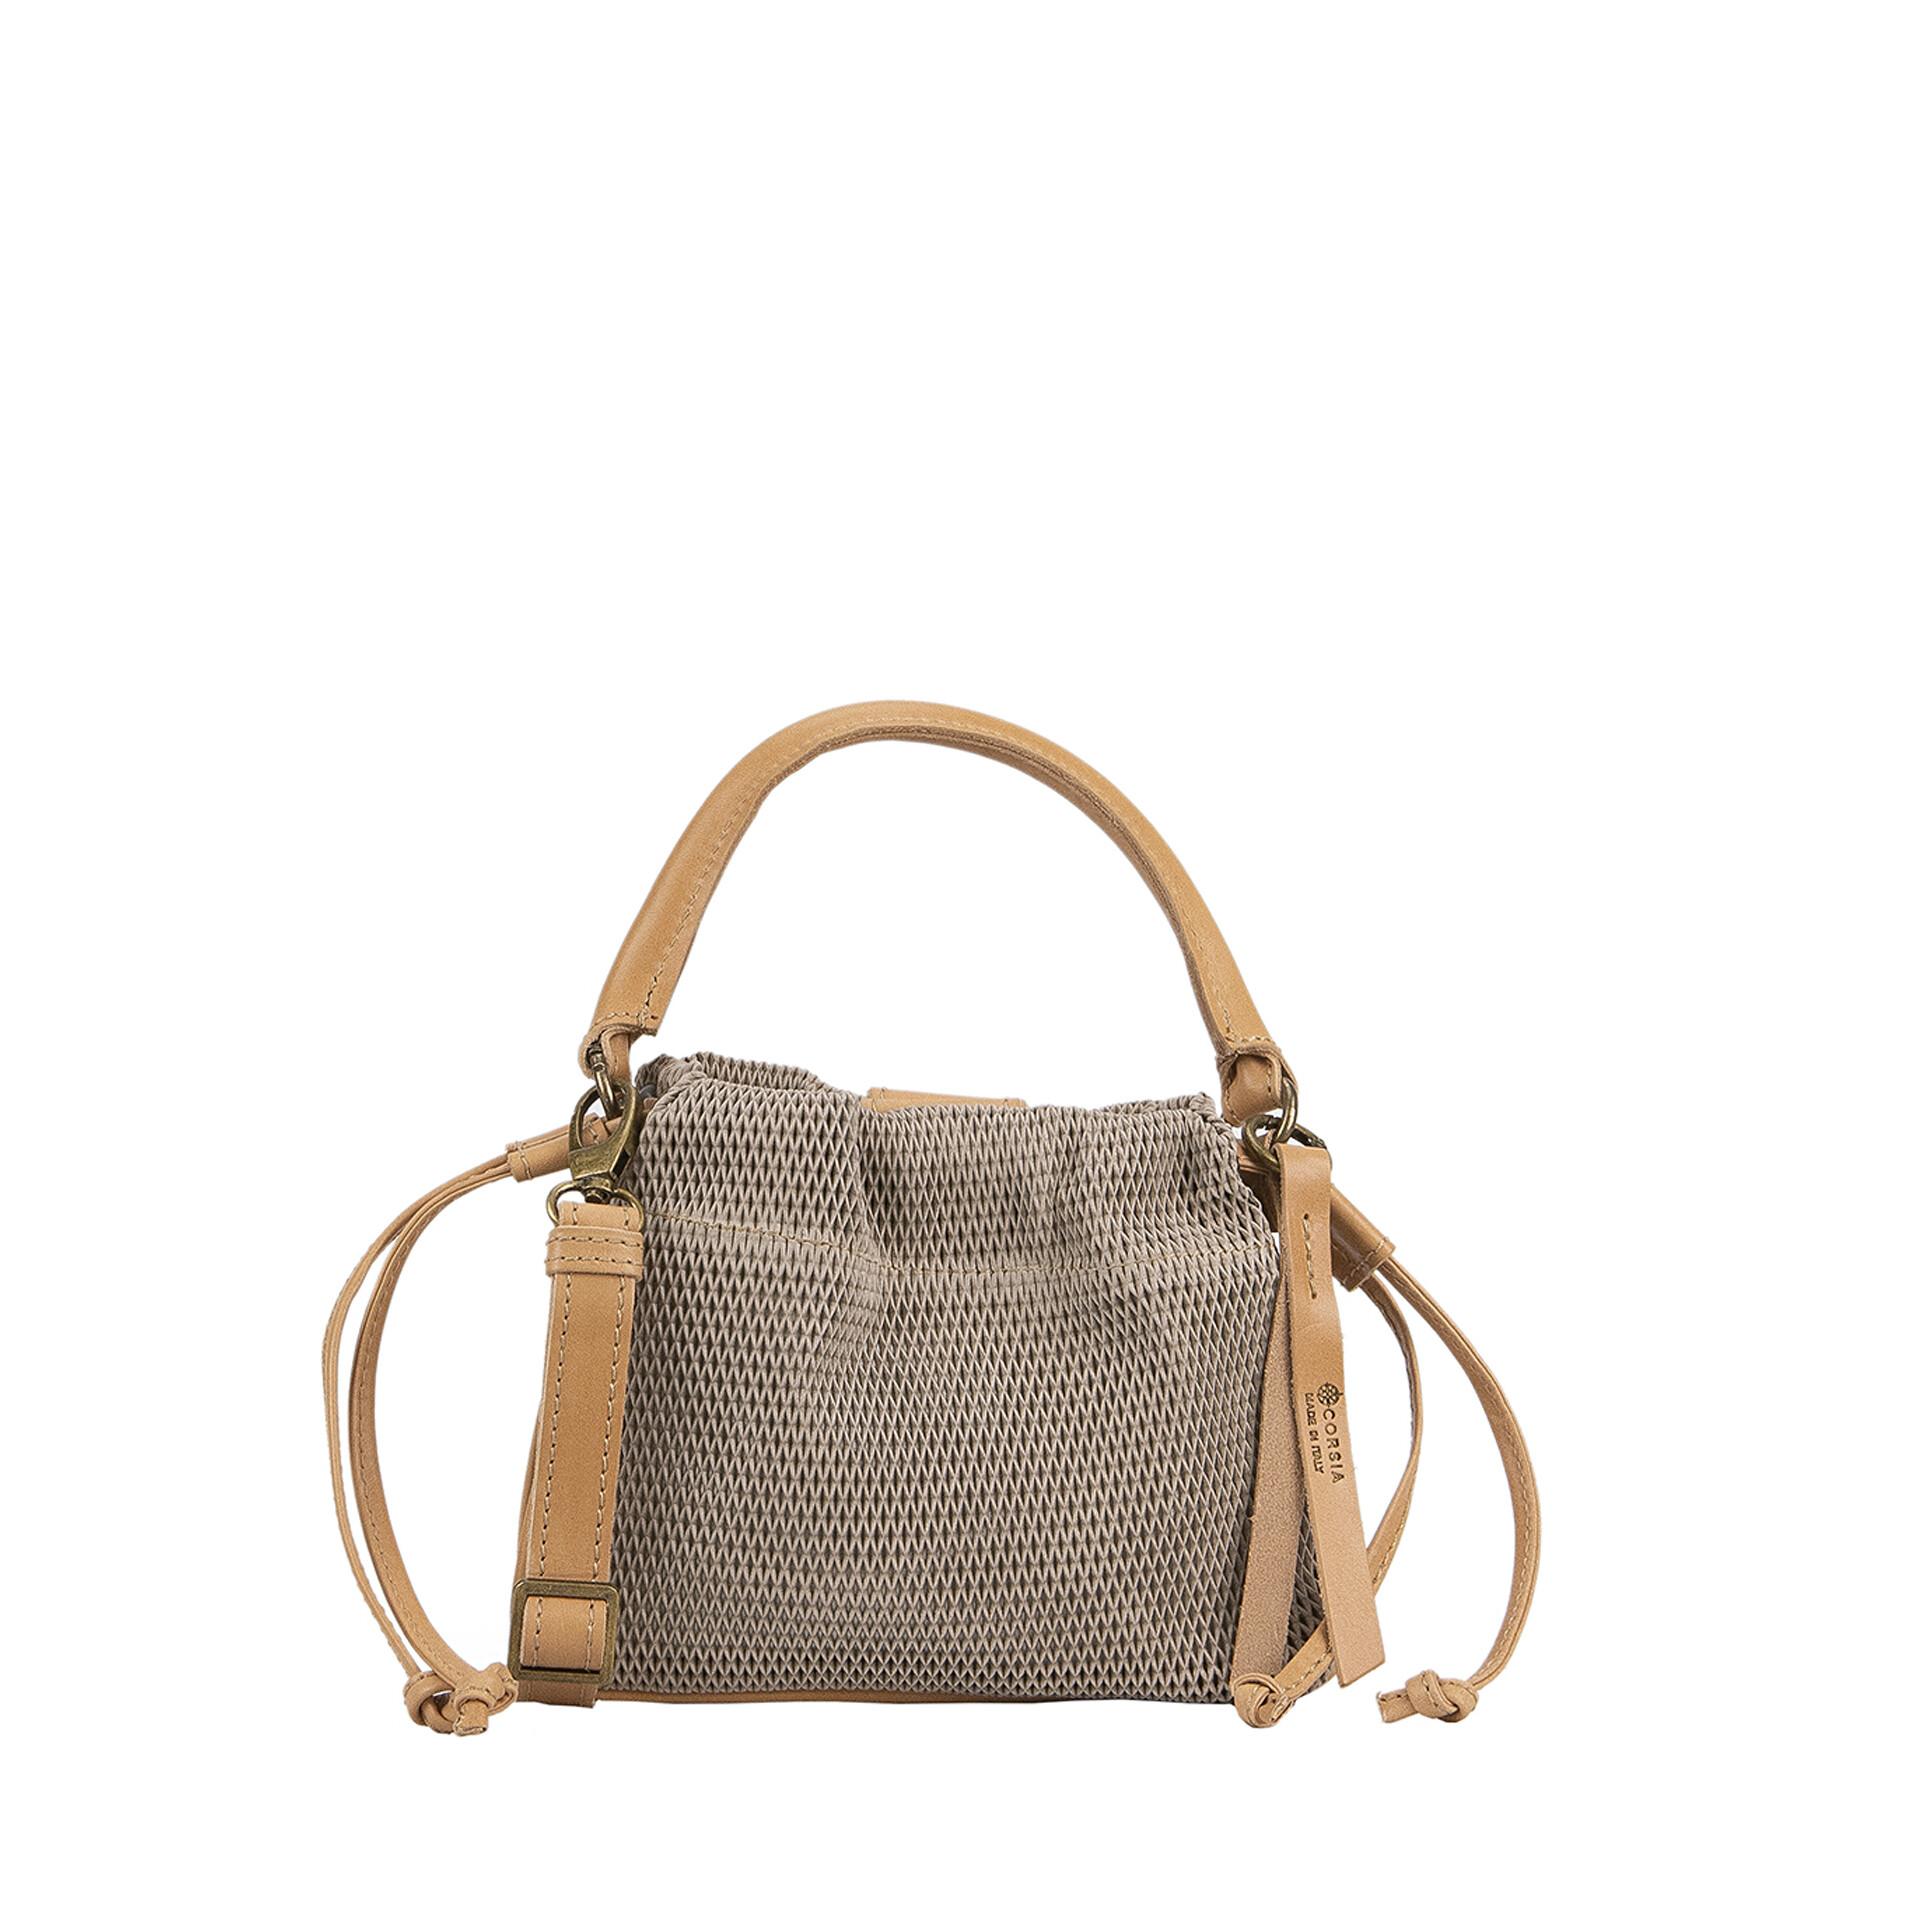 sand color leather handbag